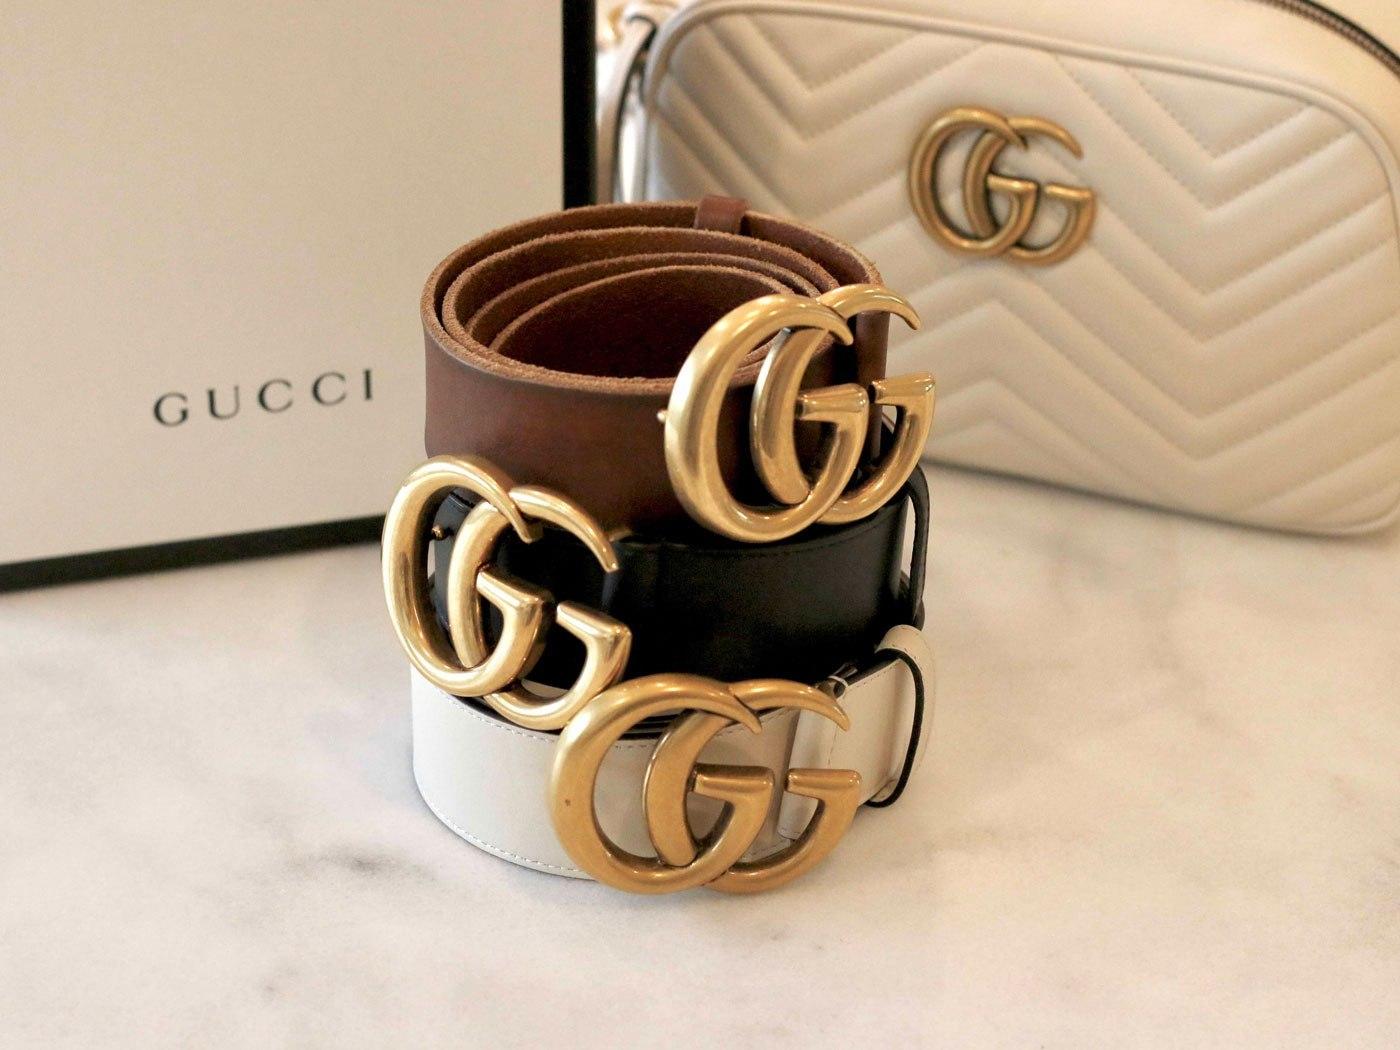 Gucci Việt Nam đảm bảo chất lượng dịch vụ hoàn hảo nhất